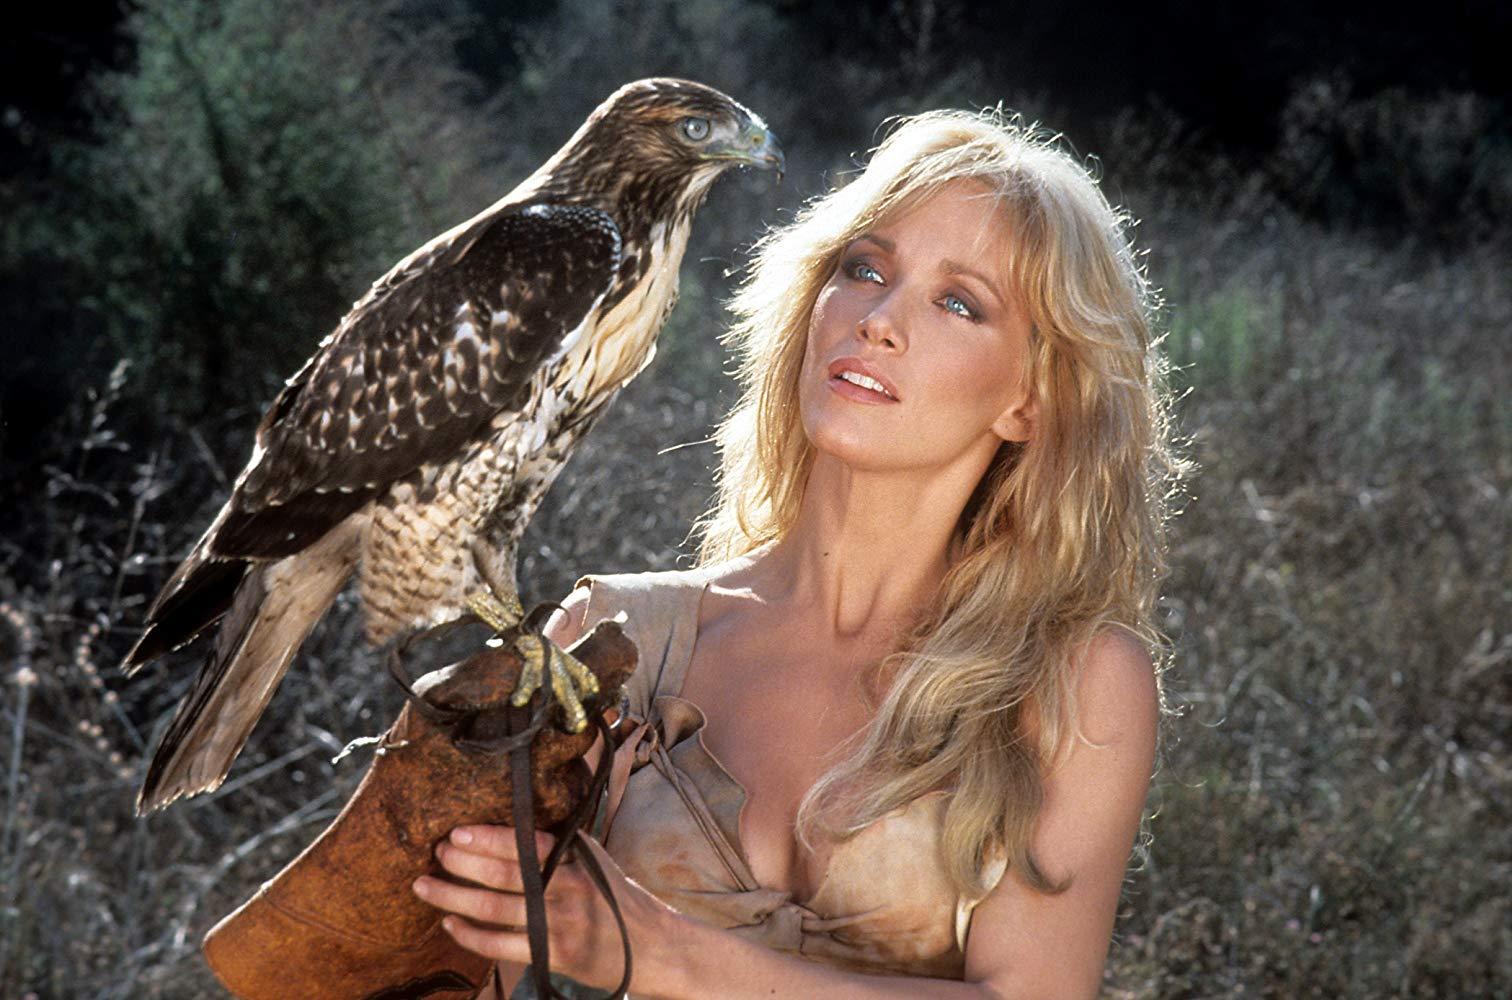 Шина — королева джунглей (Sheena) 1984